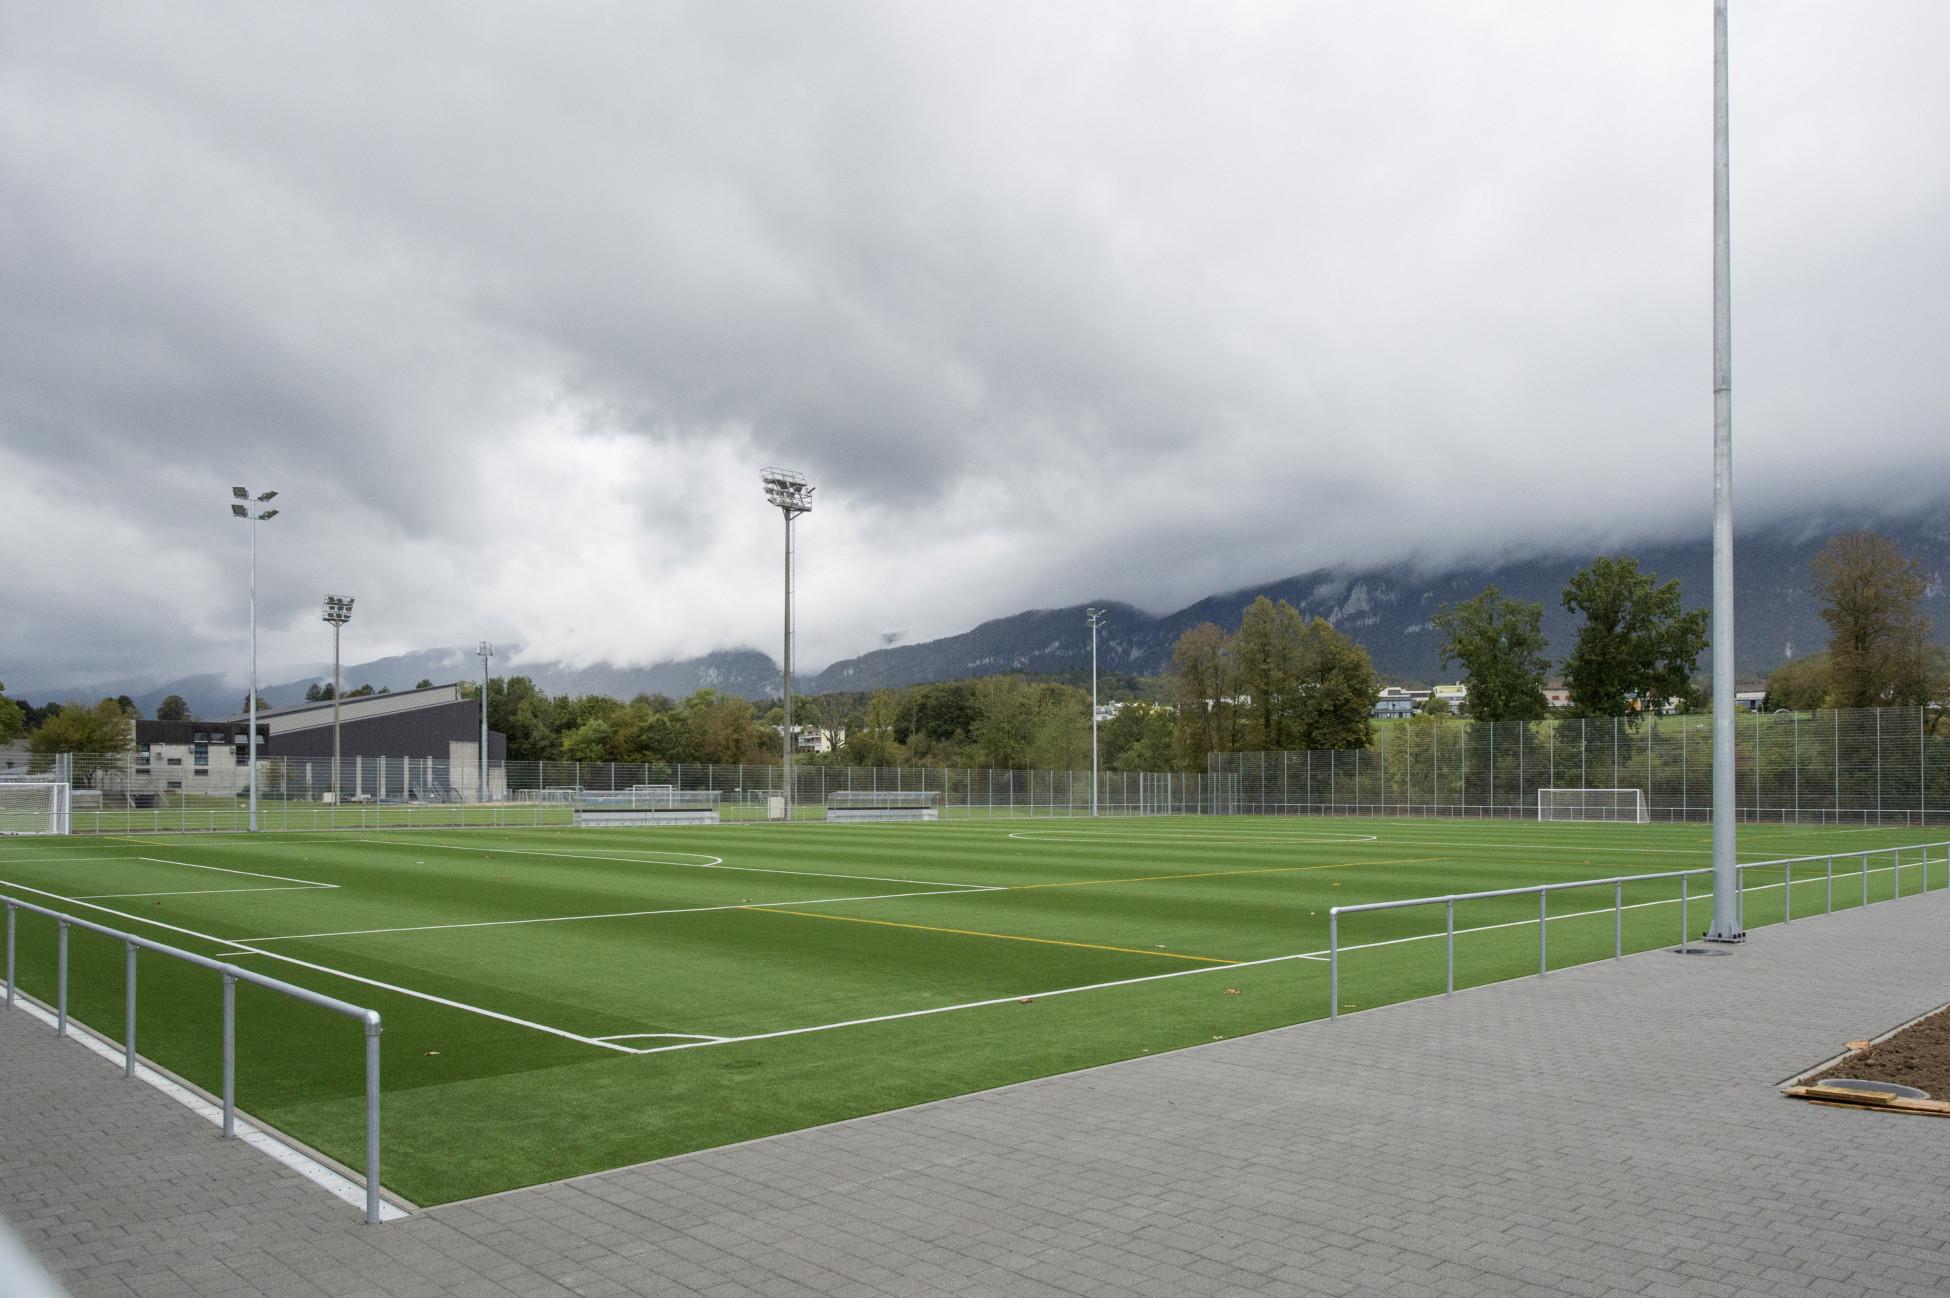 Tiefbau Zuchwil Sportplatzuntergrund Umgebungsarbeiten